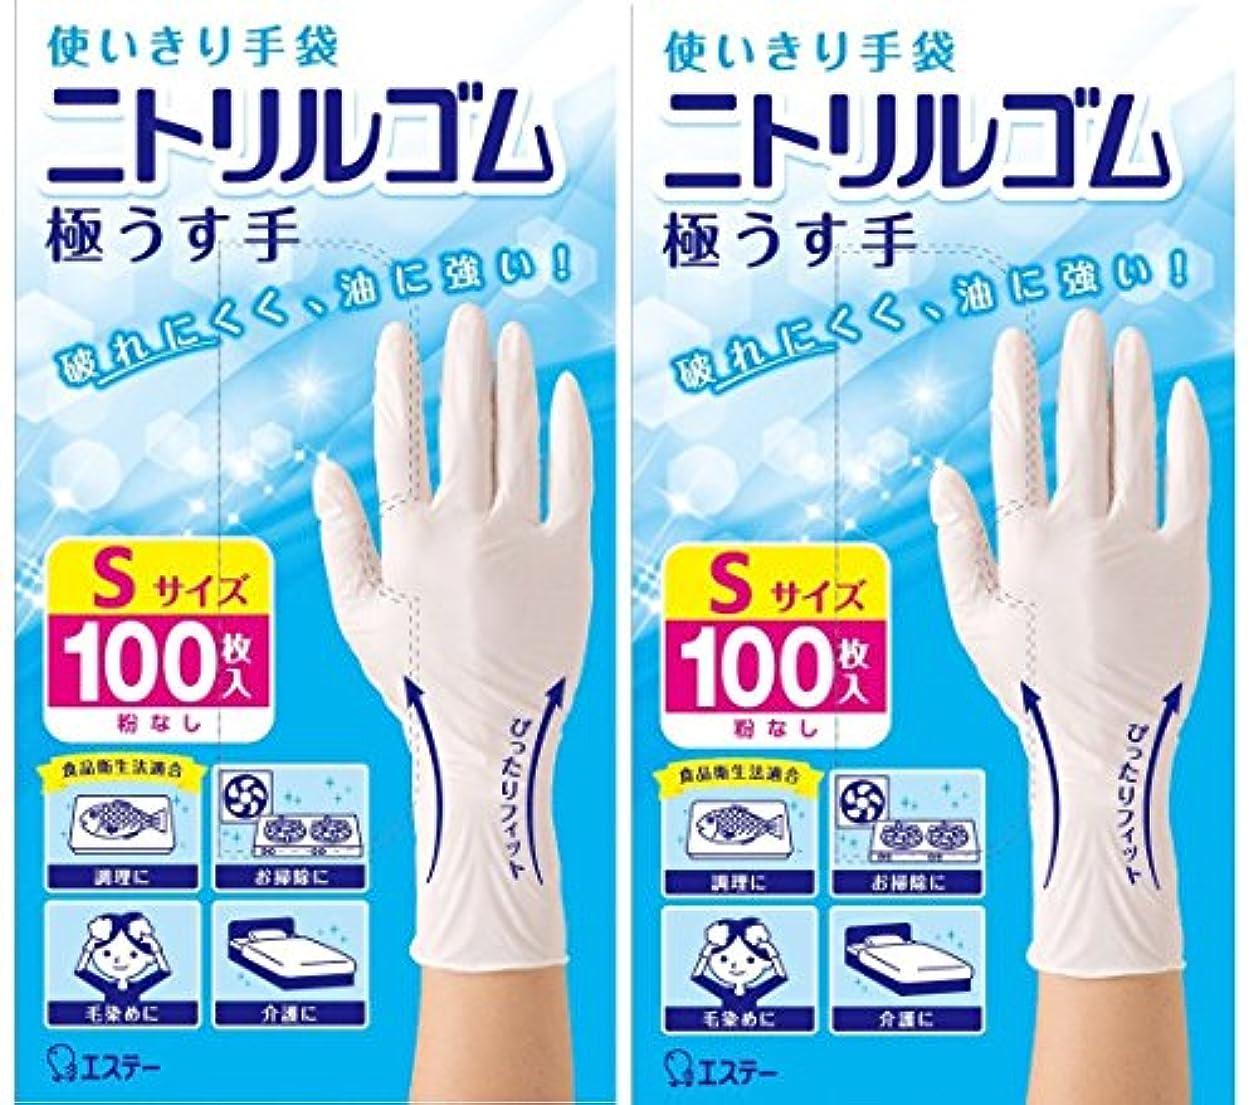 慣れている驚き解釈的【お徳用 2 セット】 使いきり手袋 ニトリルゴム 極うす手 ホワイト 粉なし Sサイズ 100枚入×2セット